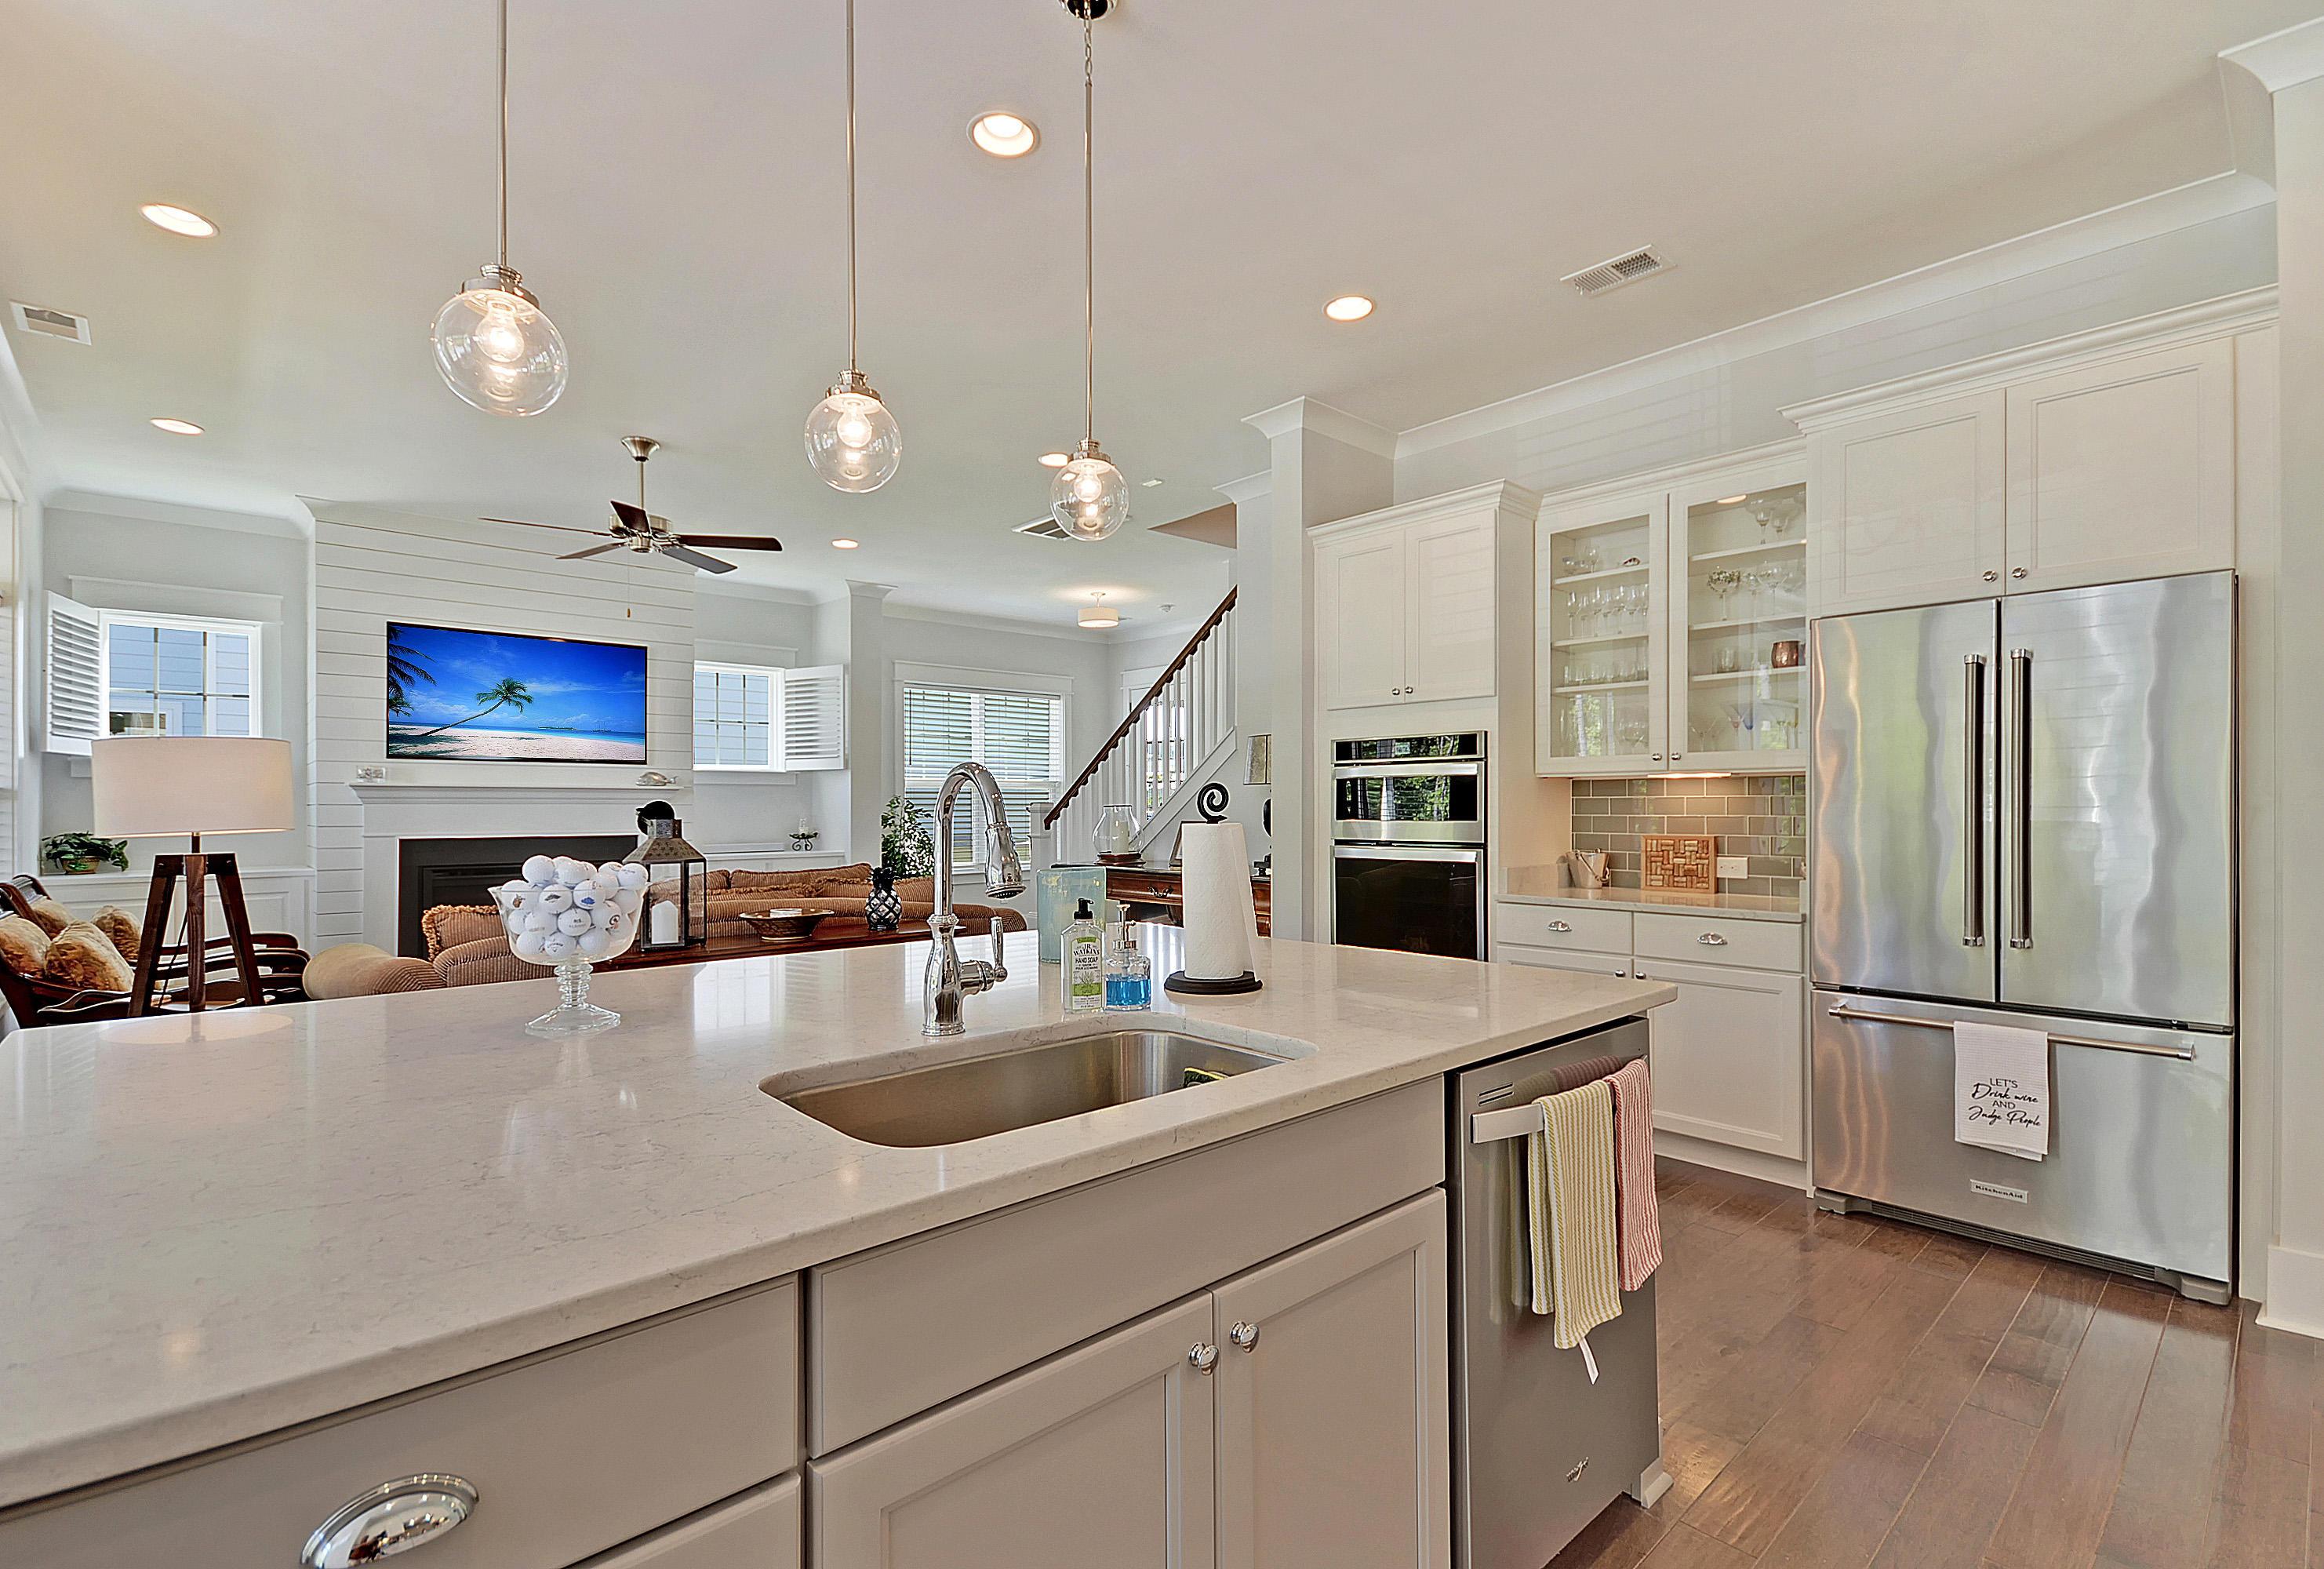 Dunes West Homes For Sale - 2927 Eddy, Mount Pleasant, SC - 24